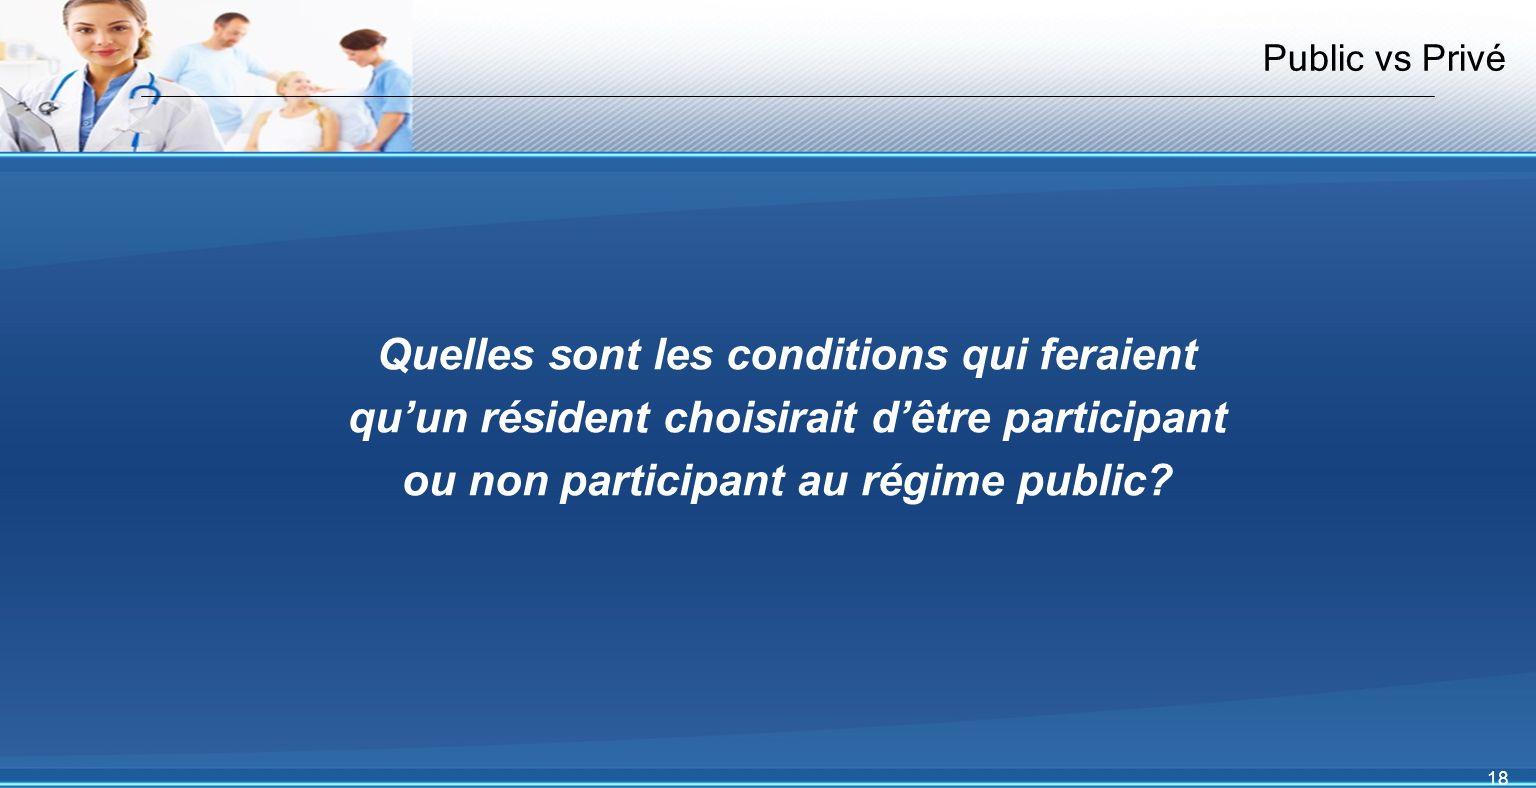 18 Public vs Privé Quelles sont les conditions qui feraient quun résident choisirait dêtre participant ou non participant au régime public?